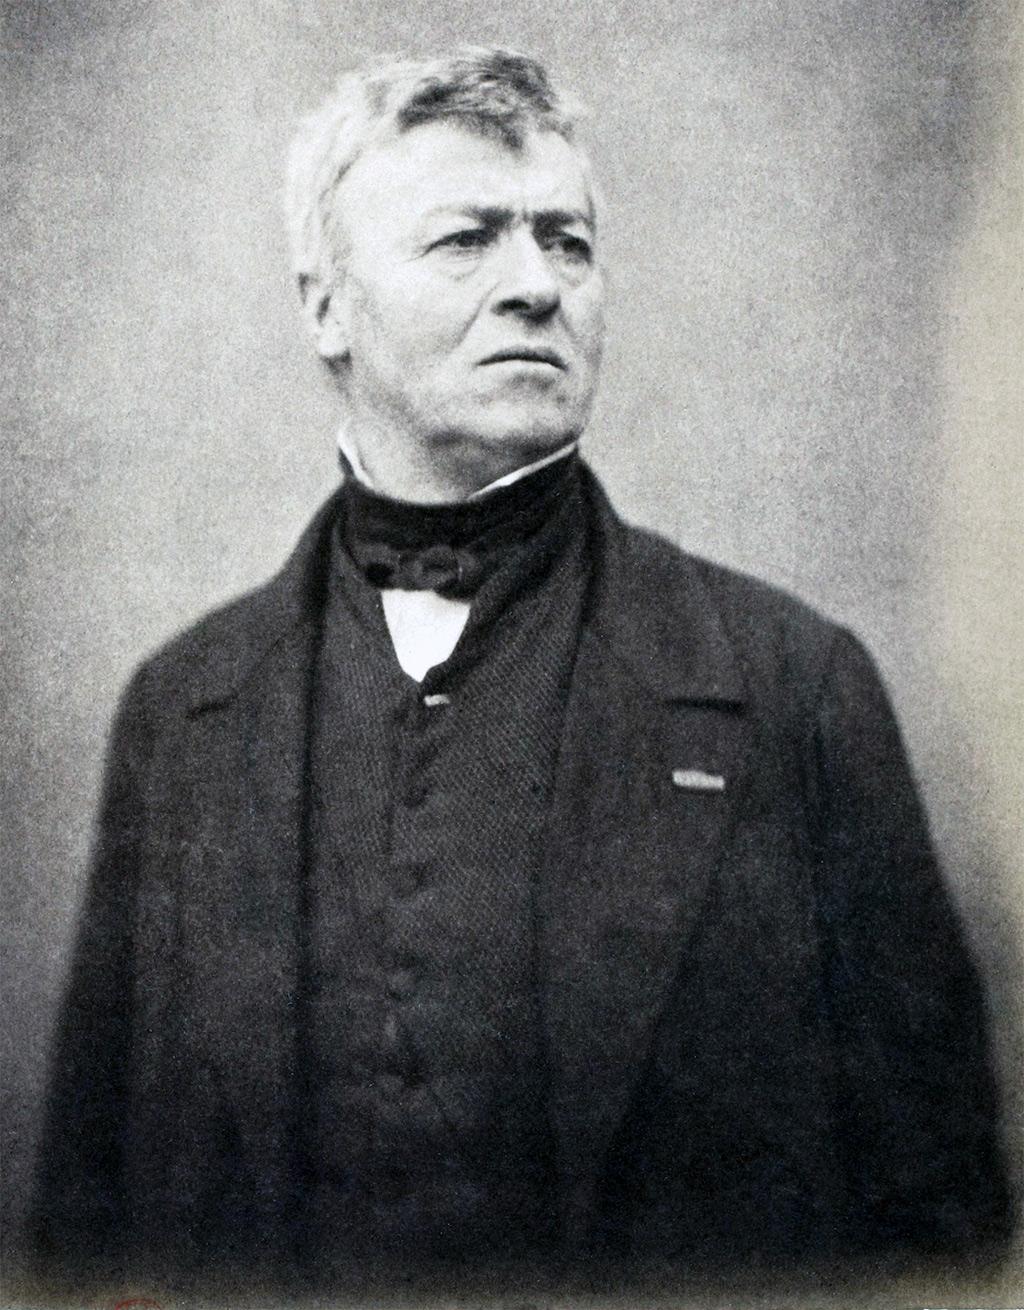 Artist: Corot, Jean-Baptiste Camille